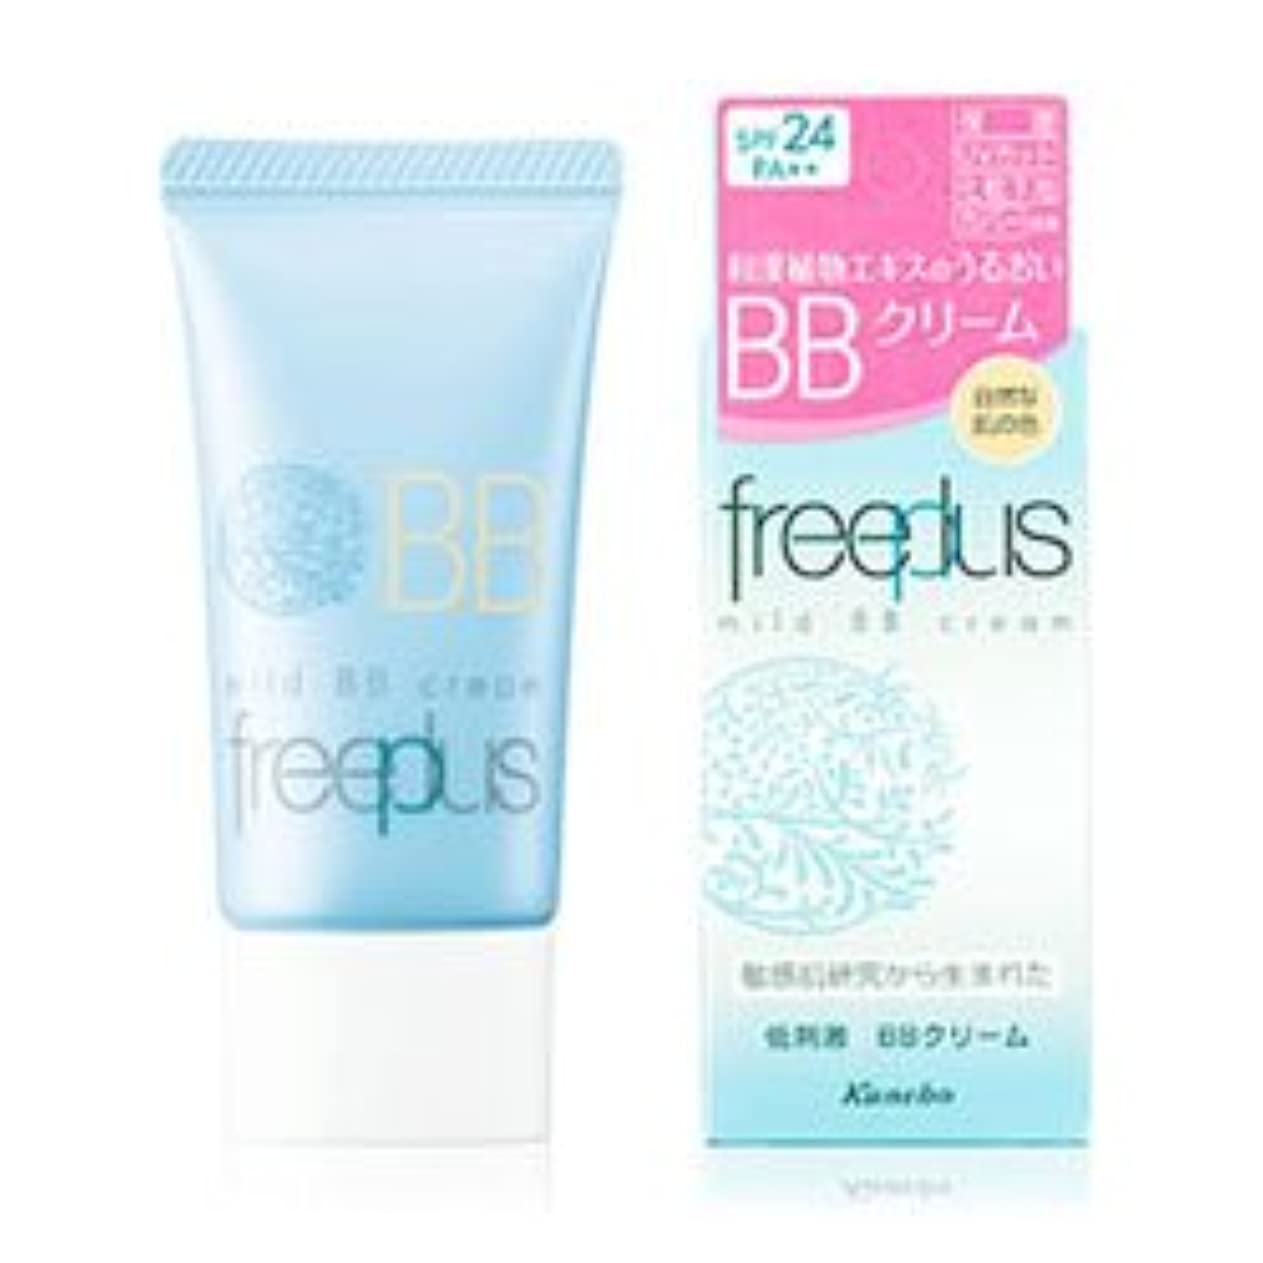 発行する達成レシピ【カネボウ化粧品】freeplus フリープラス 30g ×3個セット